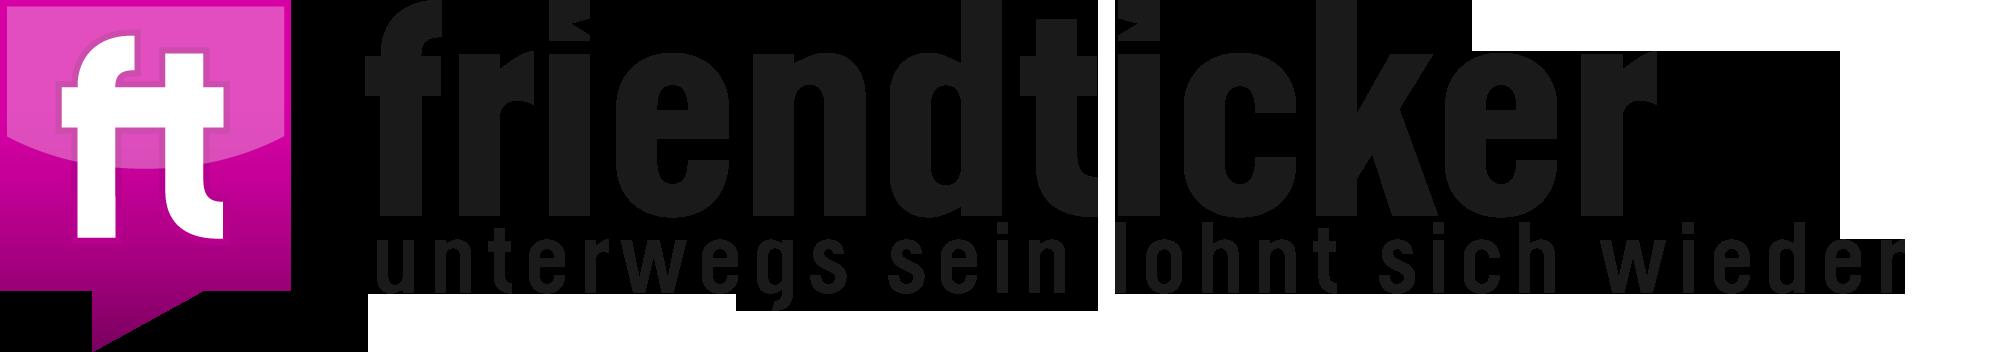 friendticker_logo